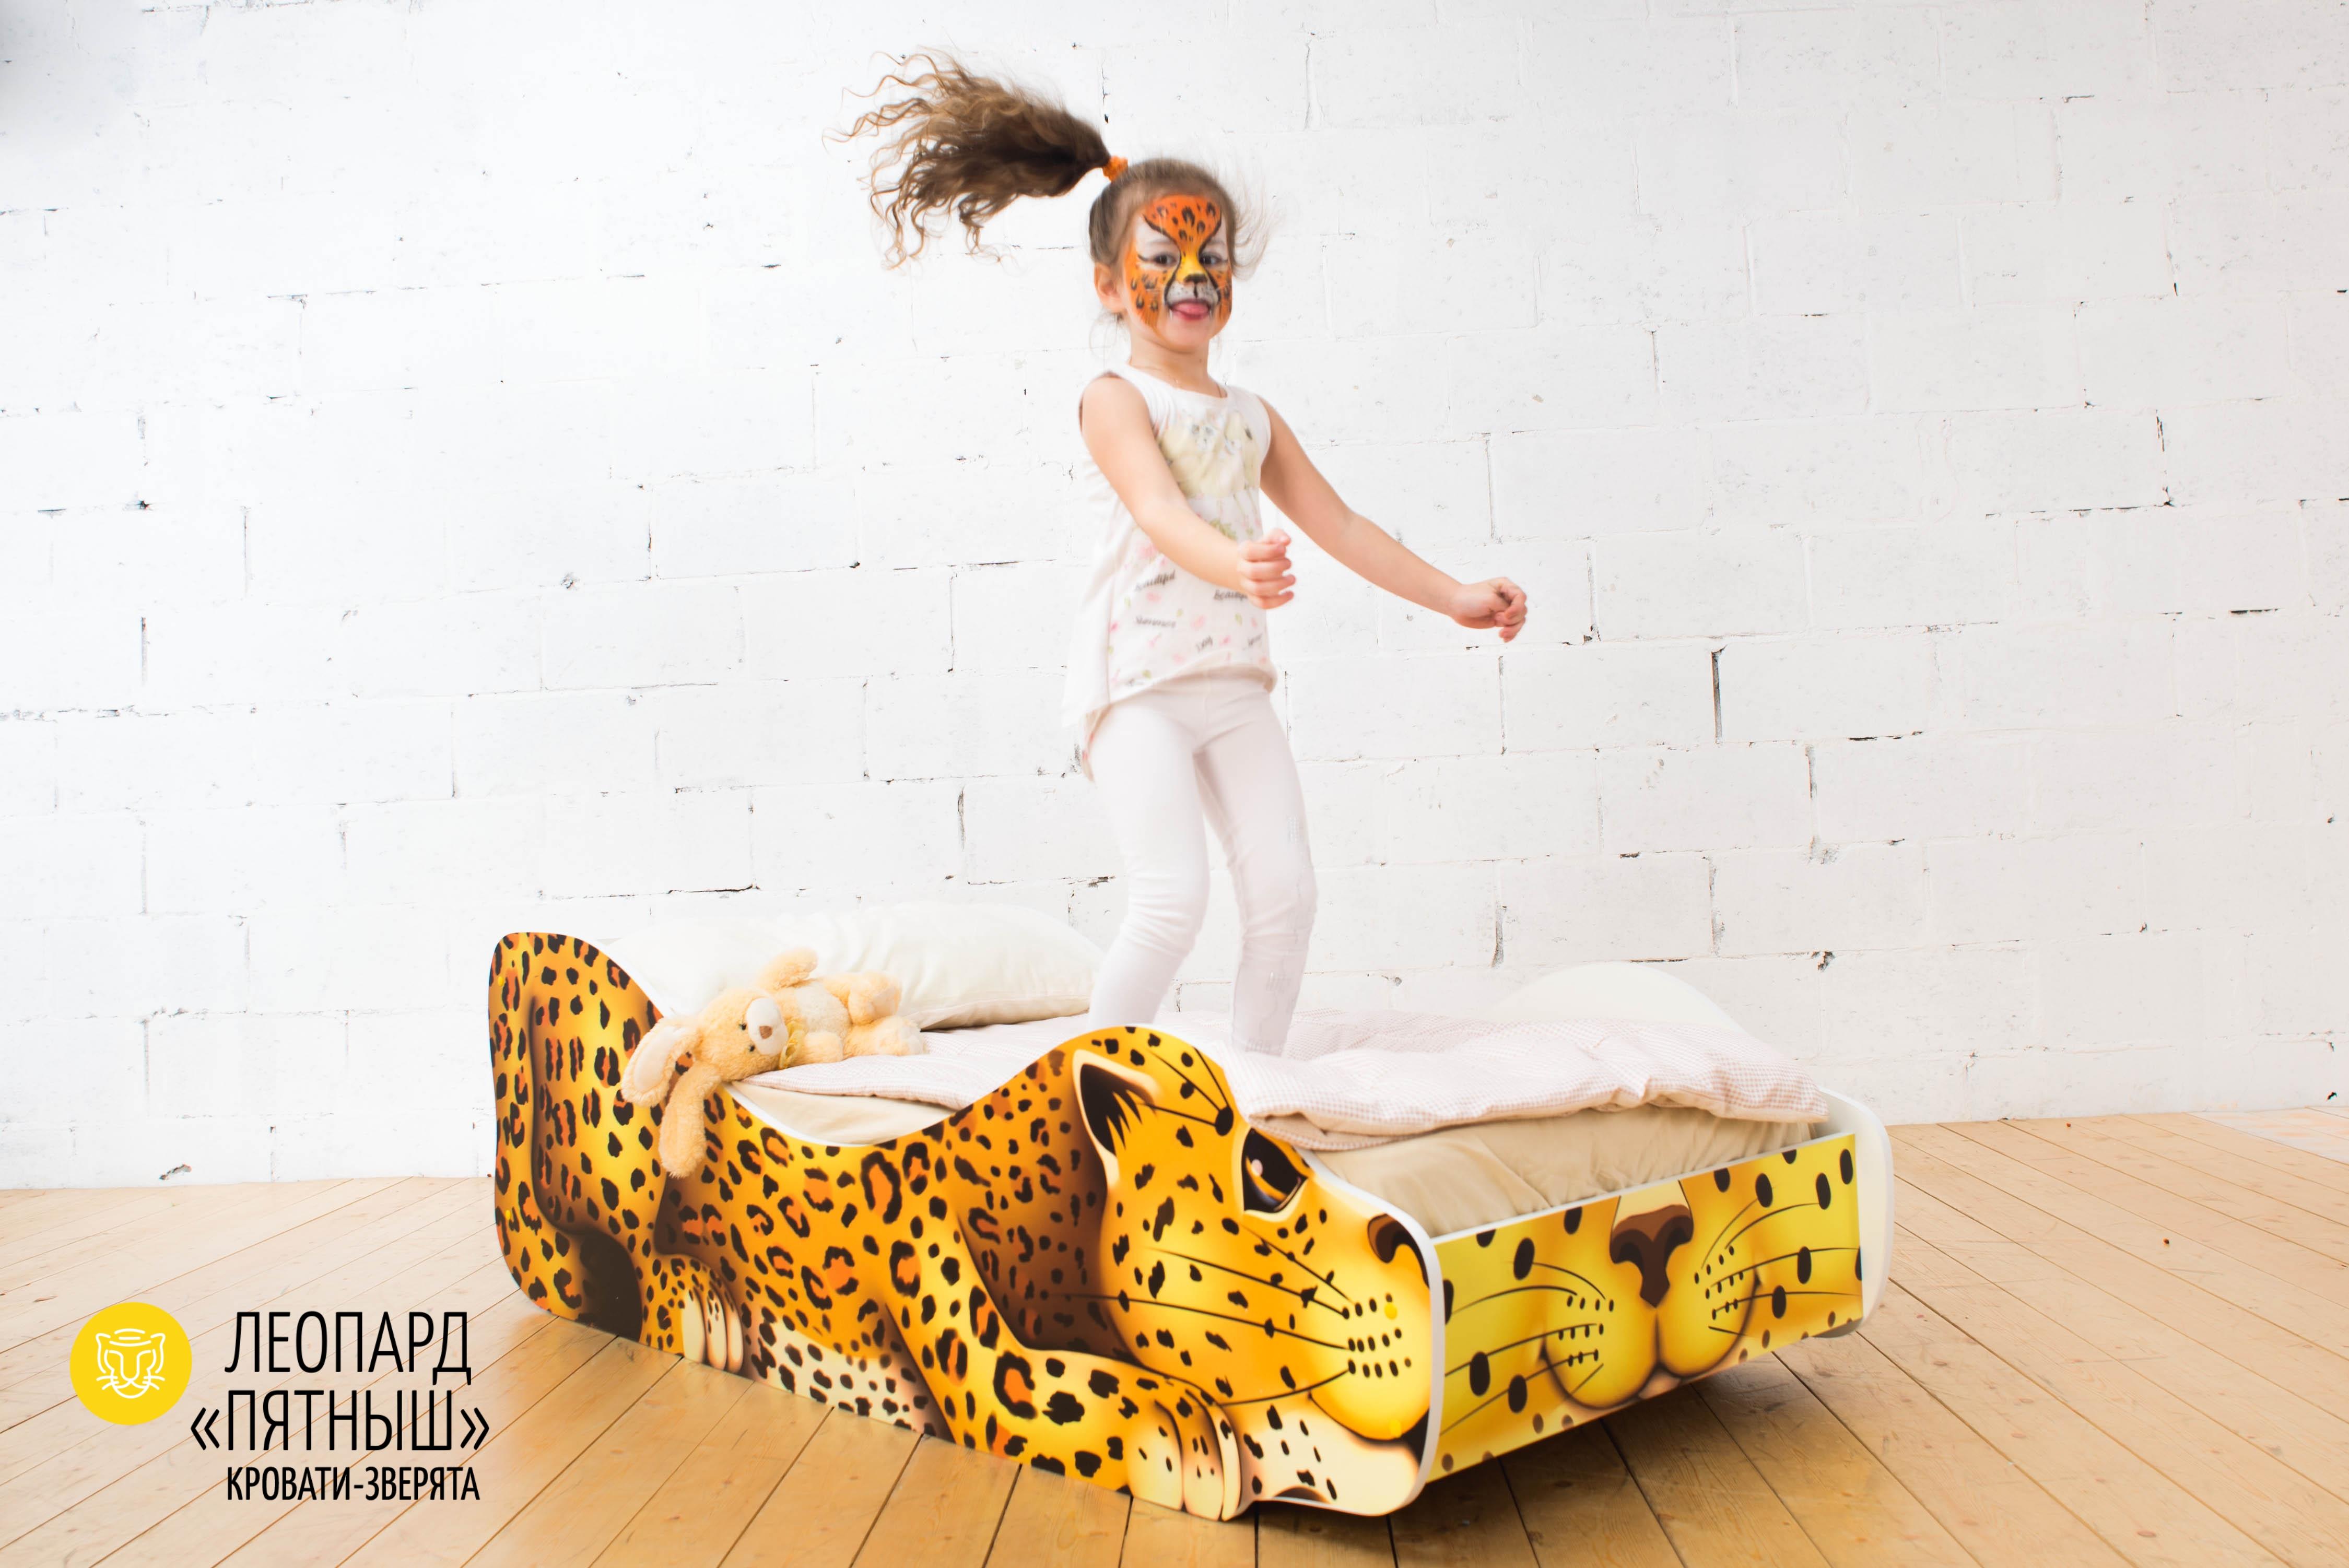 Детская кровать-зверенок -Леопард-Пятныш-4